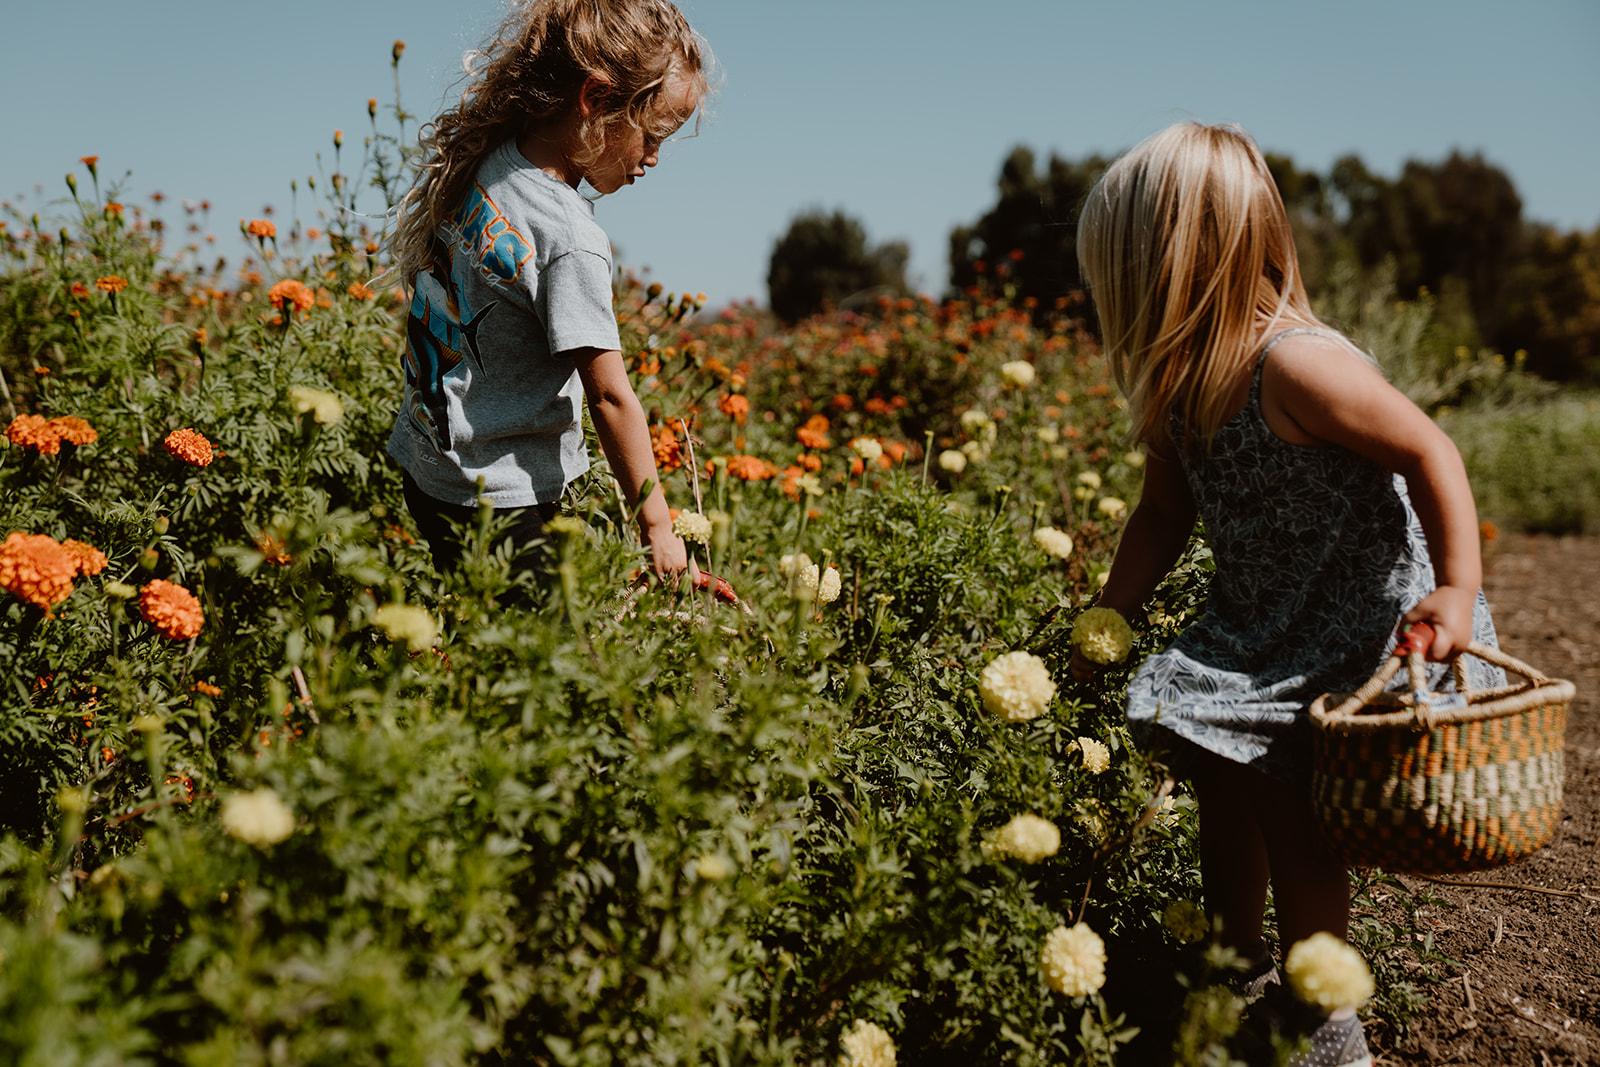 Children picking flowers in field.